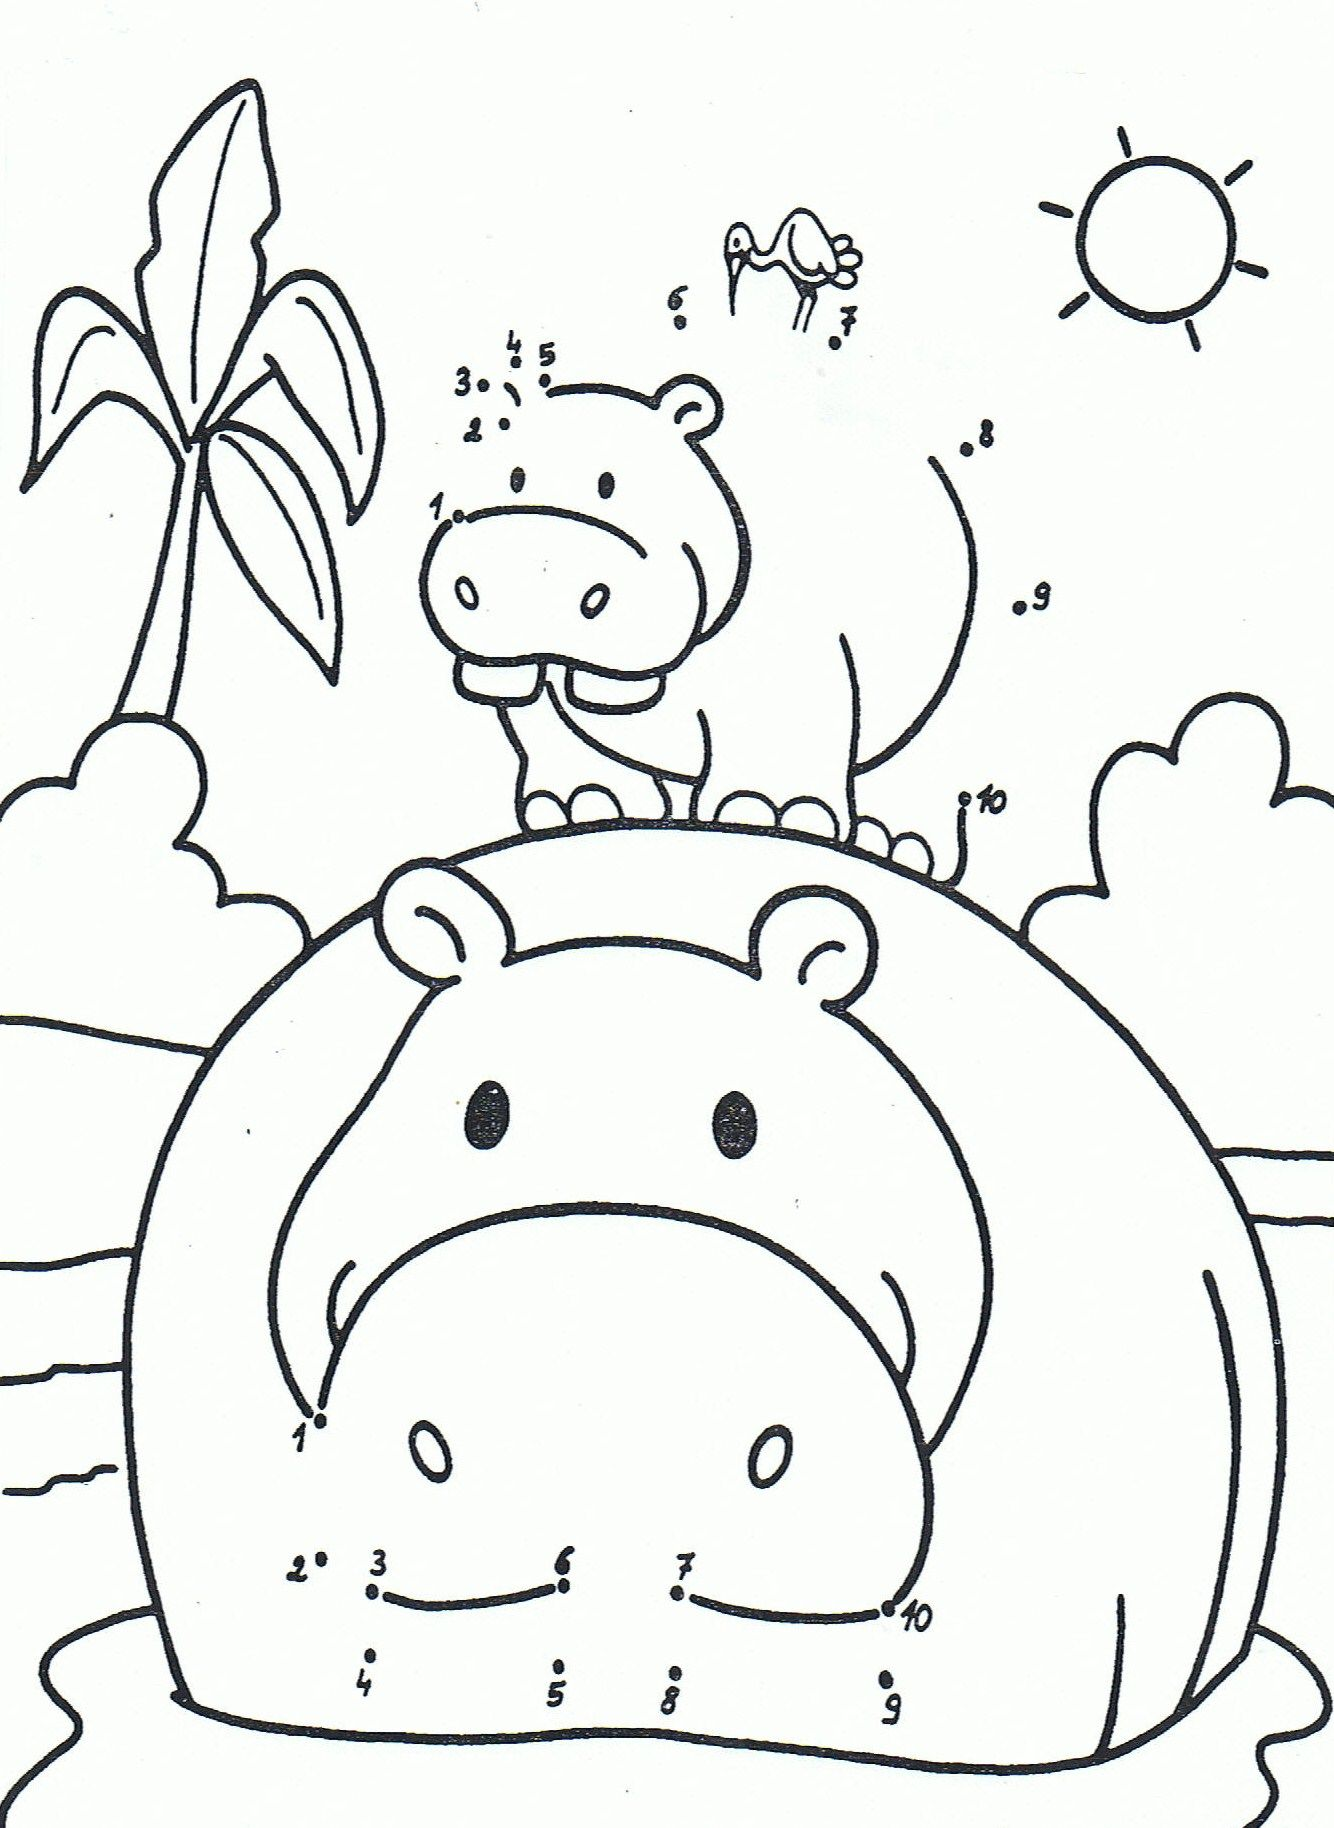 kleurplaat een nijlpaard 1 10 dierentuindieren de